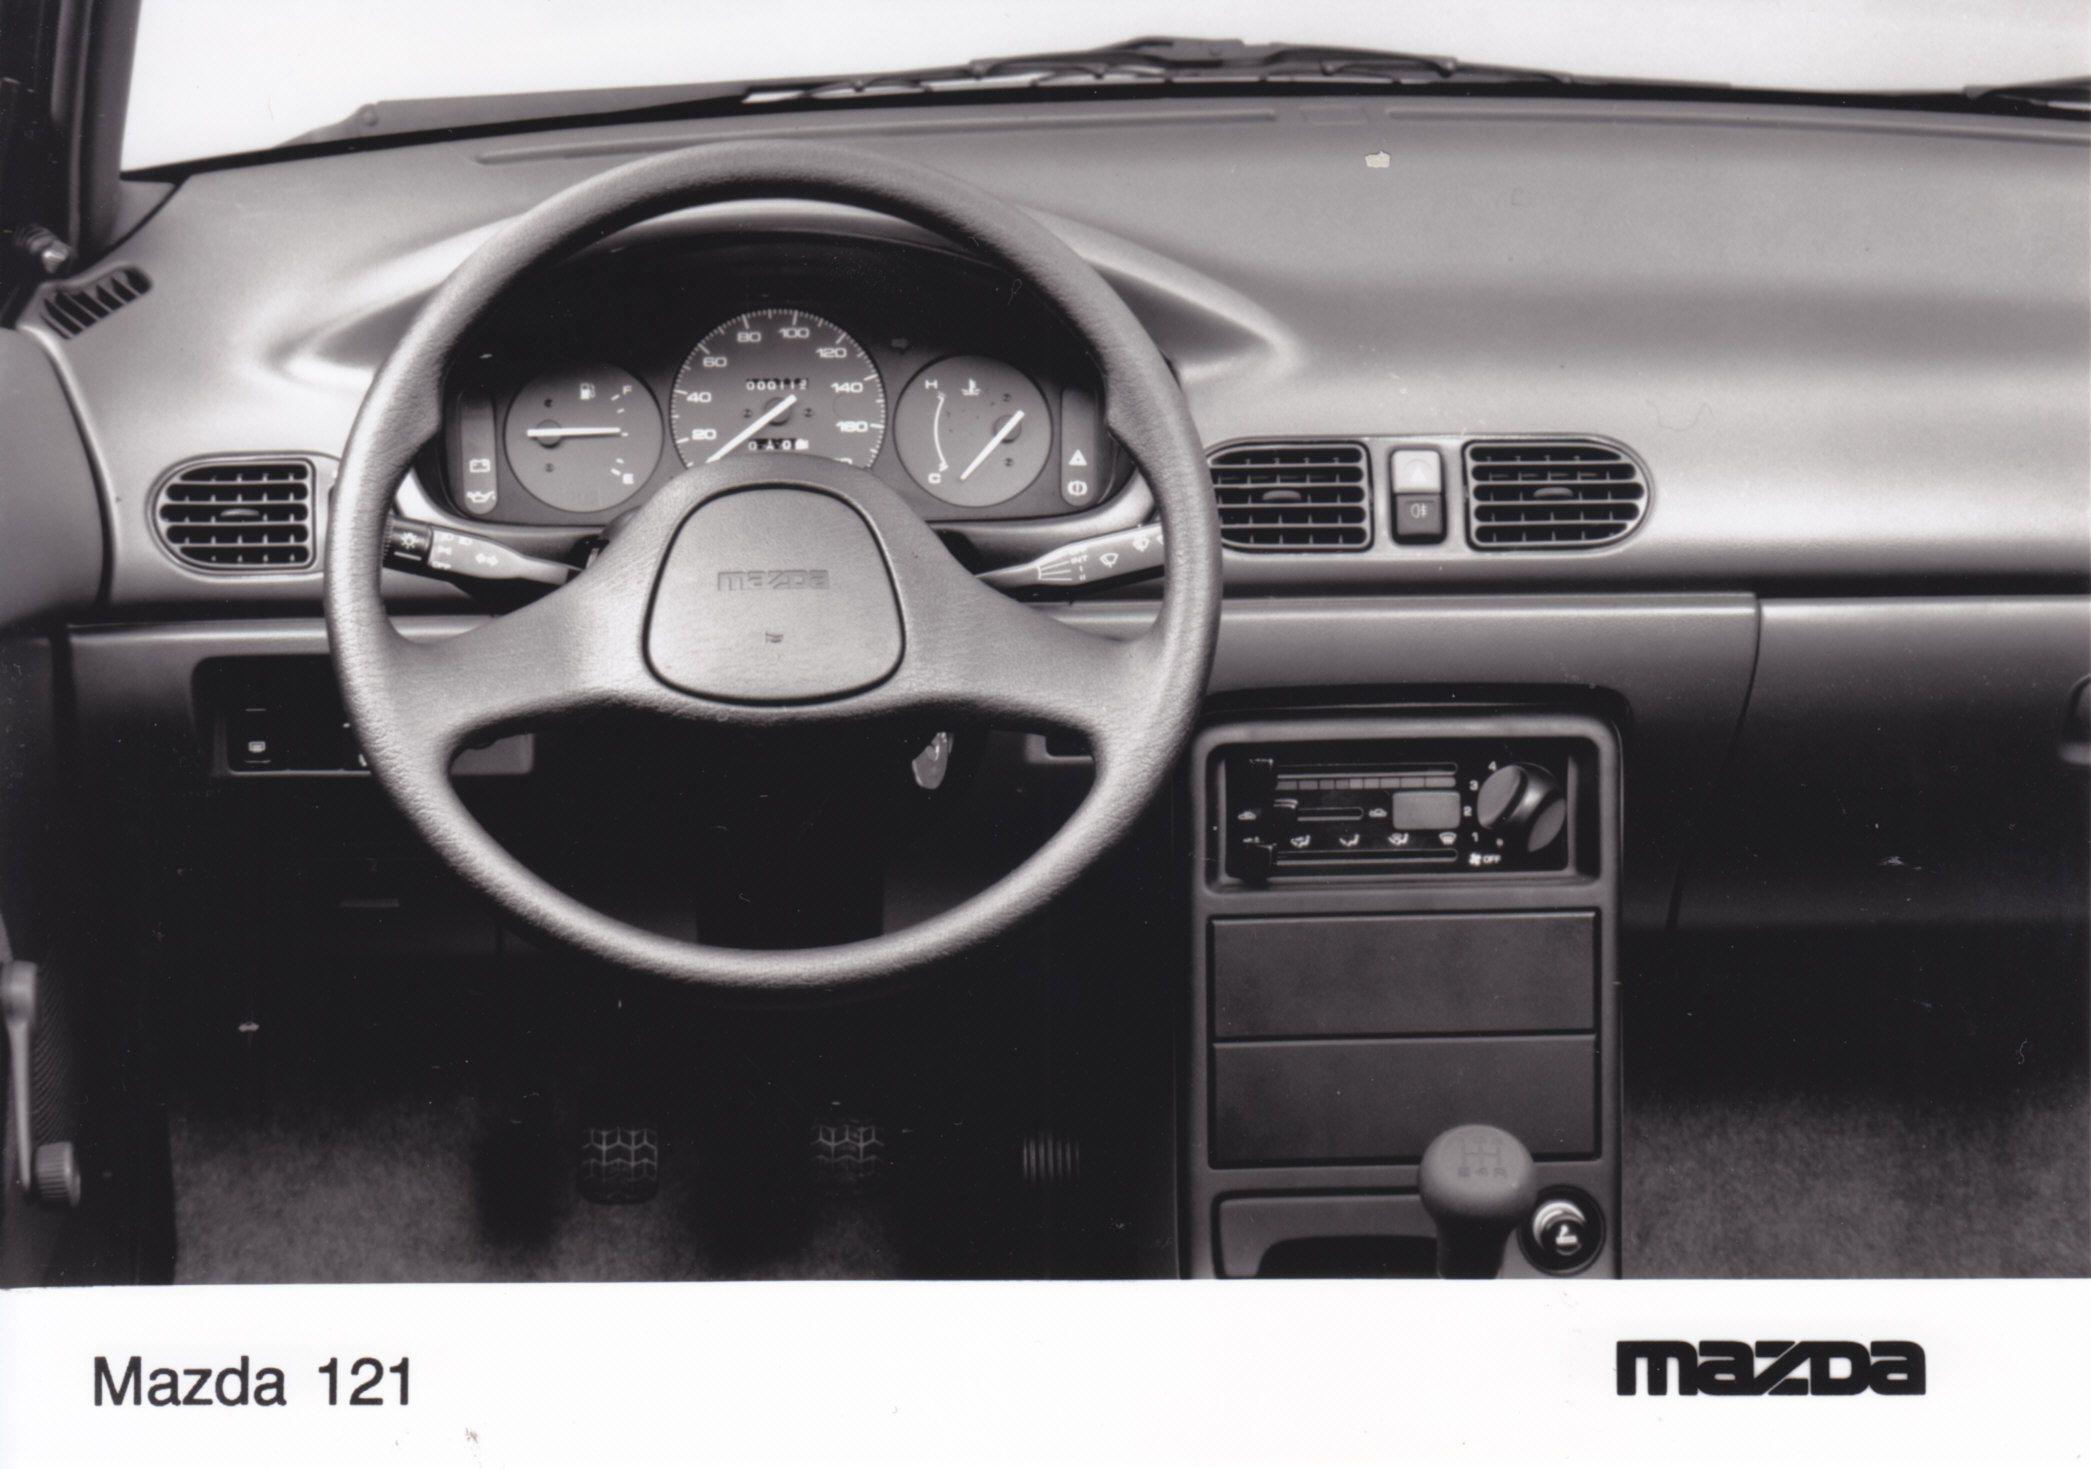 Mazda 121 dashboard (1991)